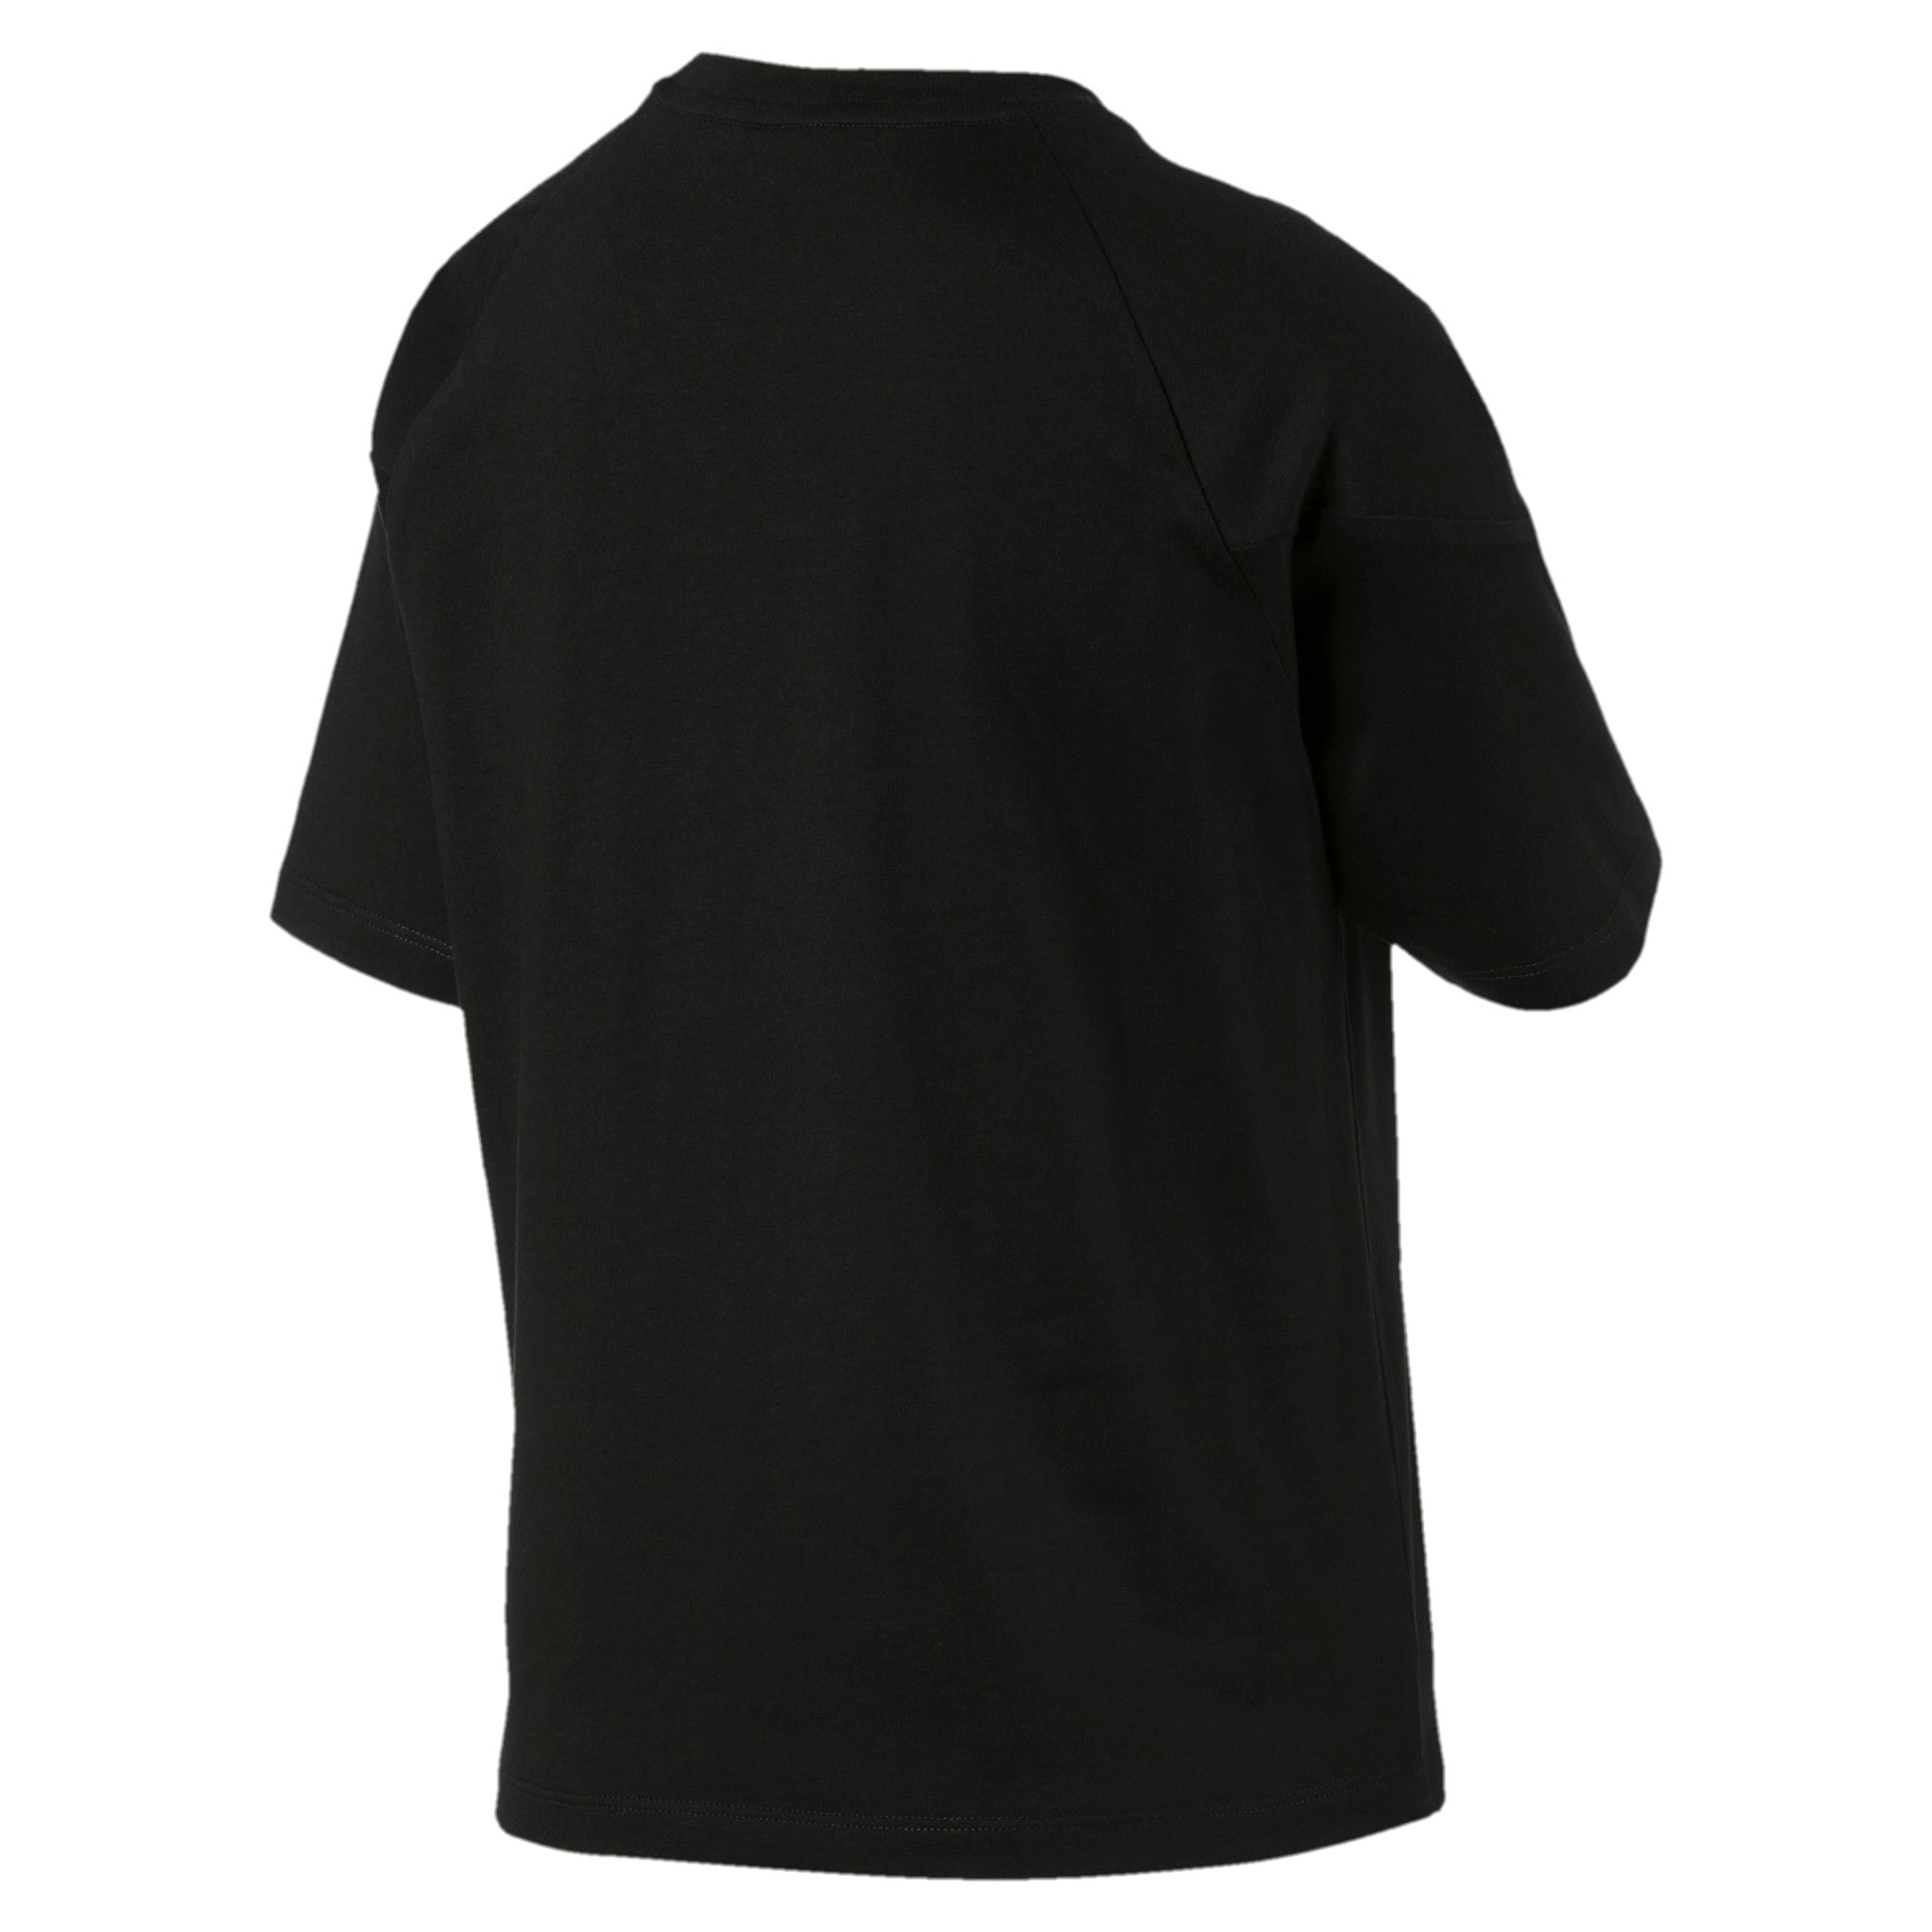 Miniatura 5 de Camiseta PUMA XTG en colores combinados para mujer, Puma Black, mediano